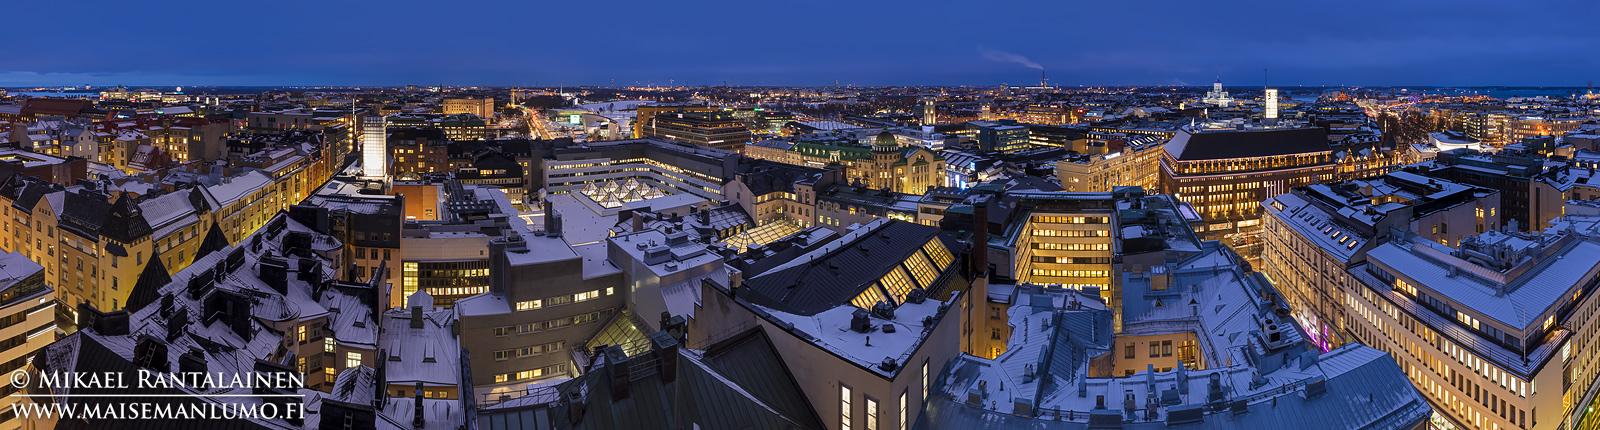 Sinisen hetken panoraama Hotelli Tornista, Helsinki (6 vaakakuvan panoraama Photoshopissa, 23 mm, ISO 100, f/9 ja exposure blend (8 ja 3,2 sekuntia))